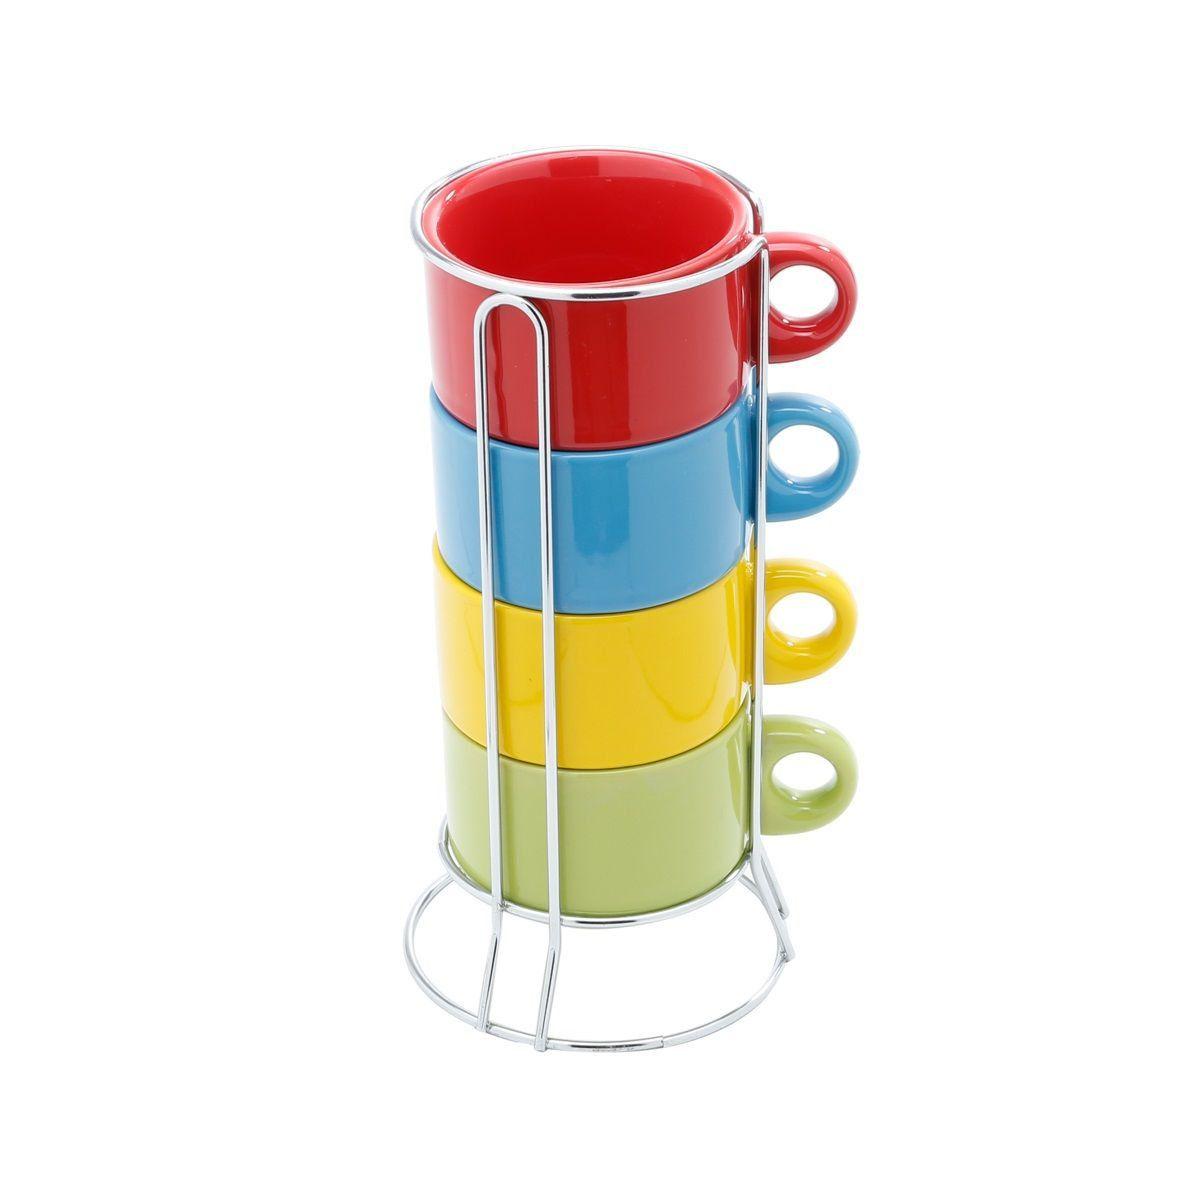 Jogo 4 xícaras 200ml para café e chá de porcelana colorido com suporte Bon Gourmet - 30398